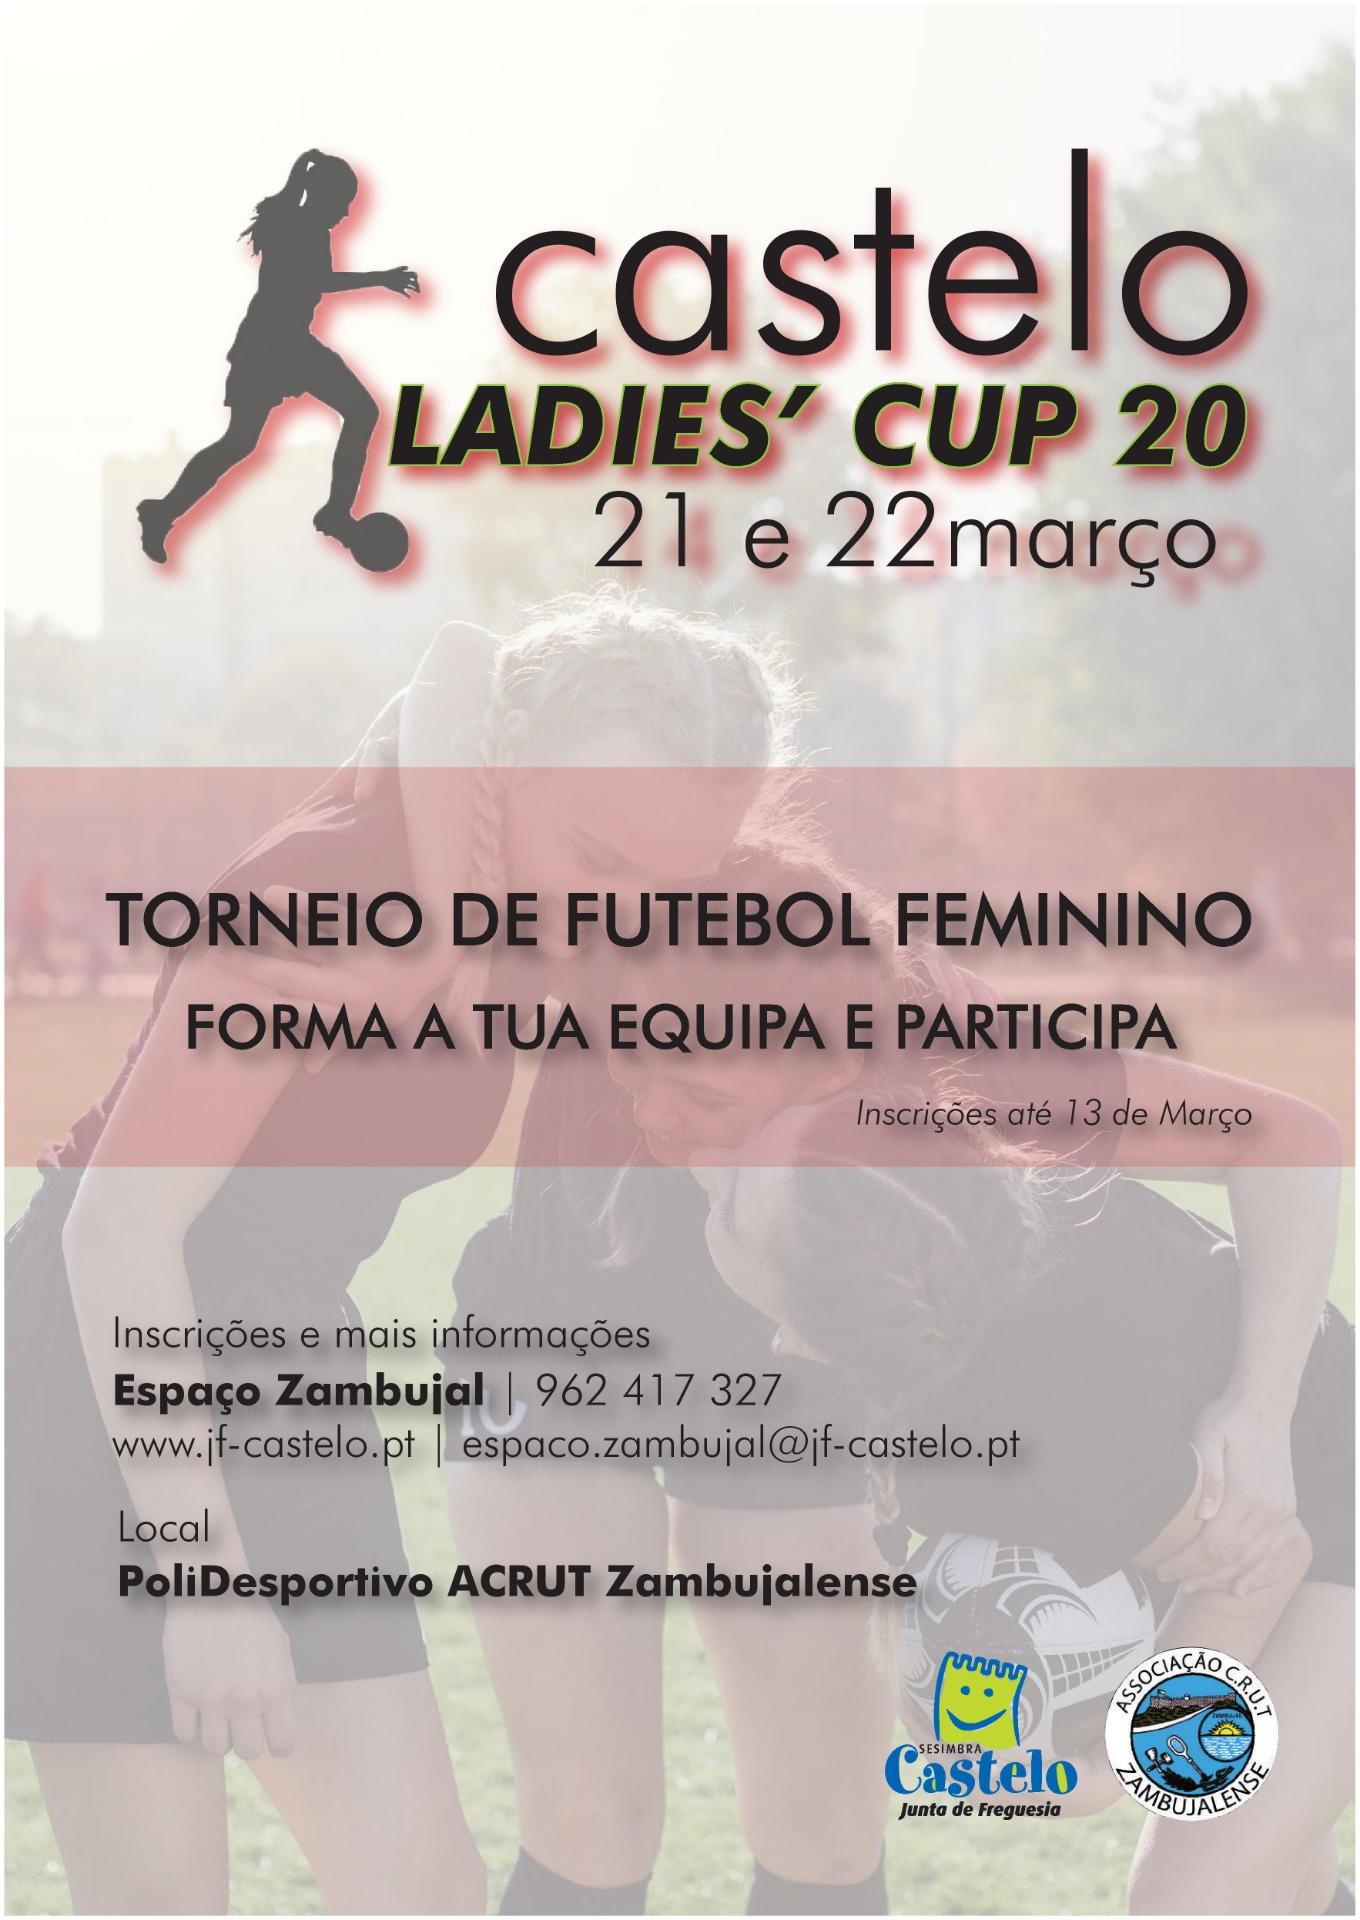 LADIES CUP´20  | Torneio de Futebol Feminino